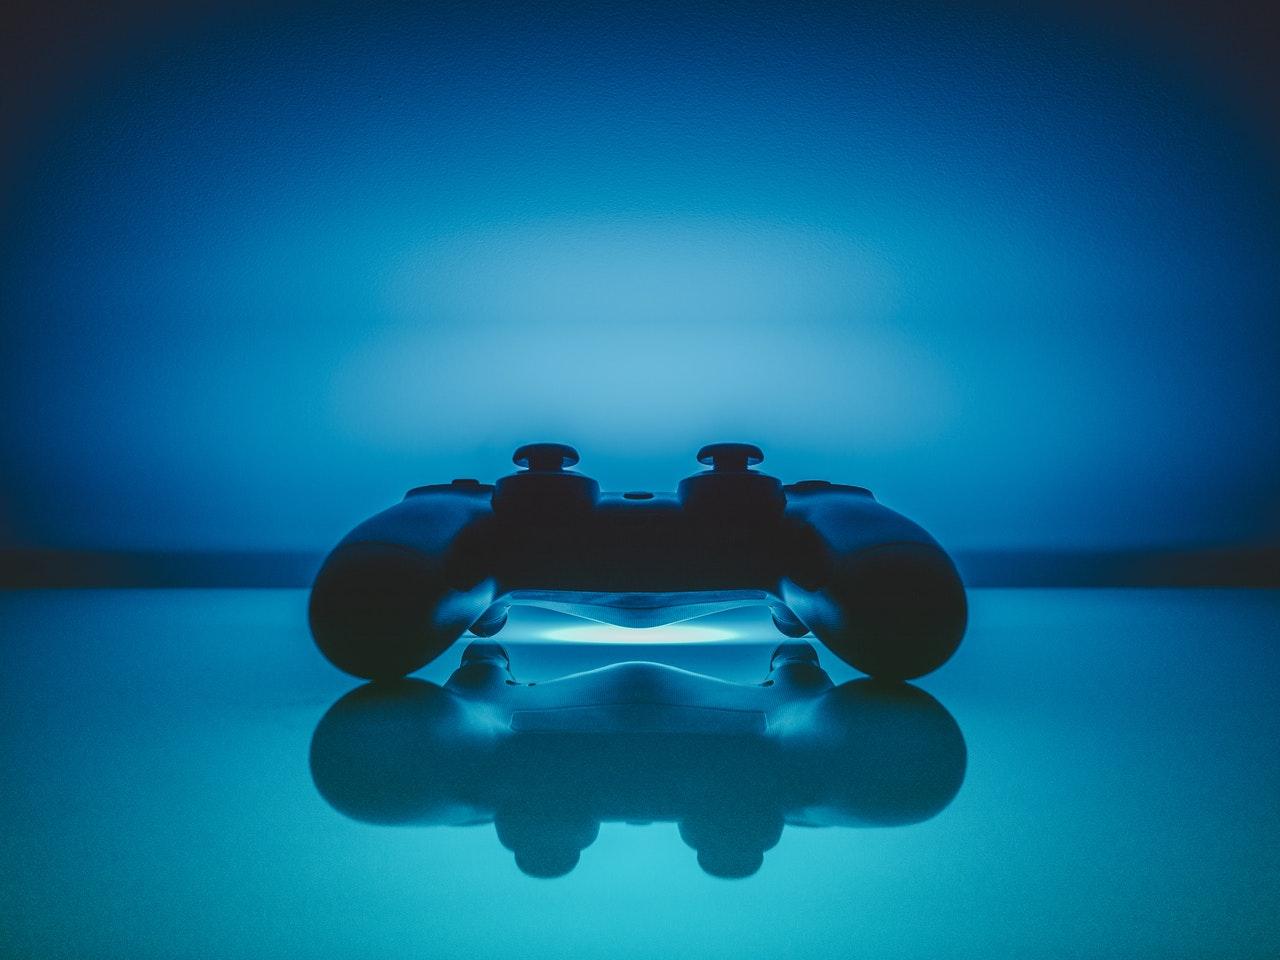 Gamen onder vijftigplussers stijgt aan populariteit